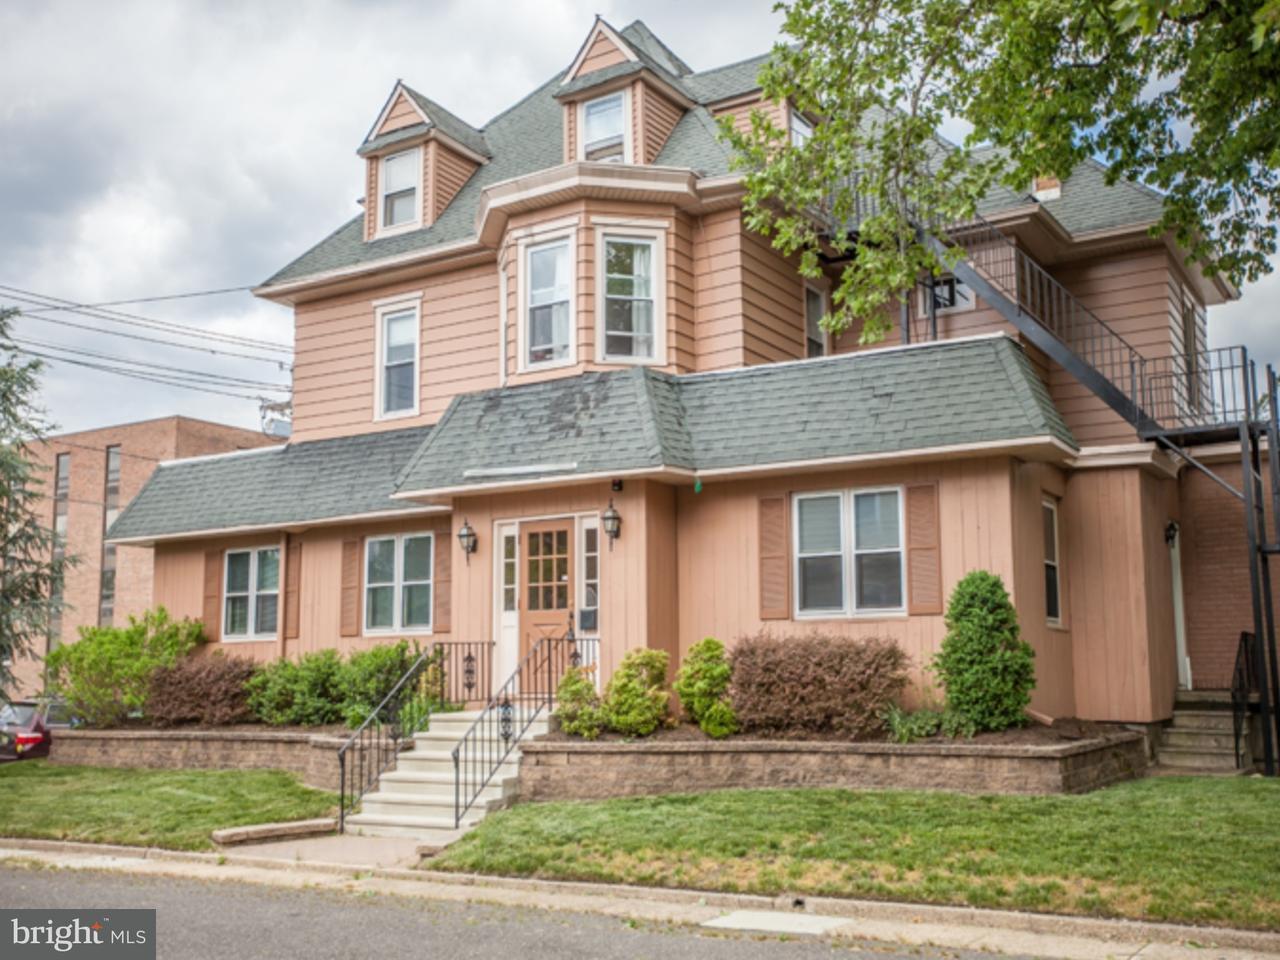 Μονοκατοικία για την Πώληση στο 915 HADDON Avenue Collingswood, Νιου Τζερσεϋ 08108 Ηνωμενεσ Πολιτειεσ